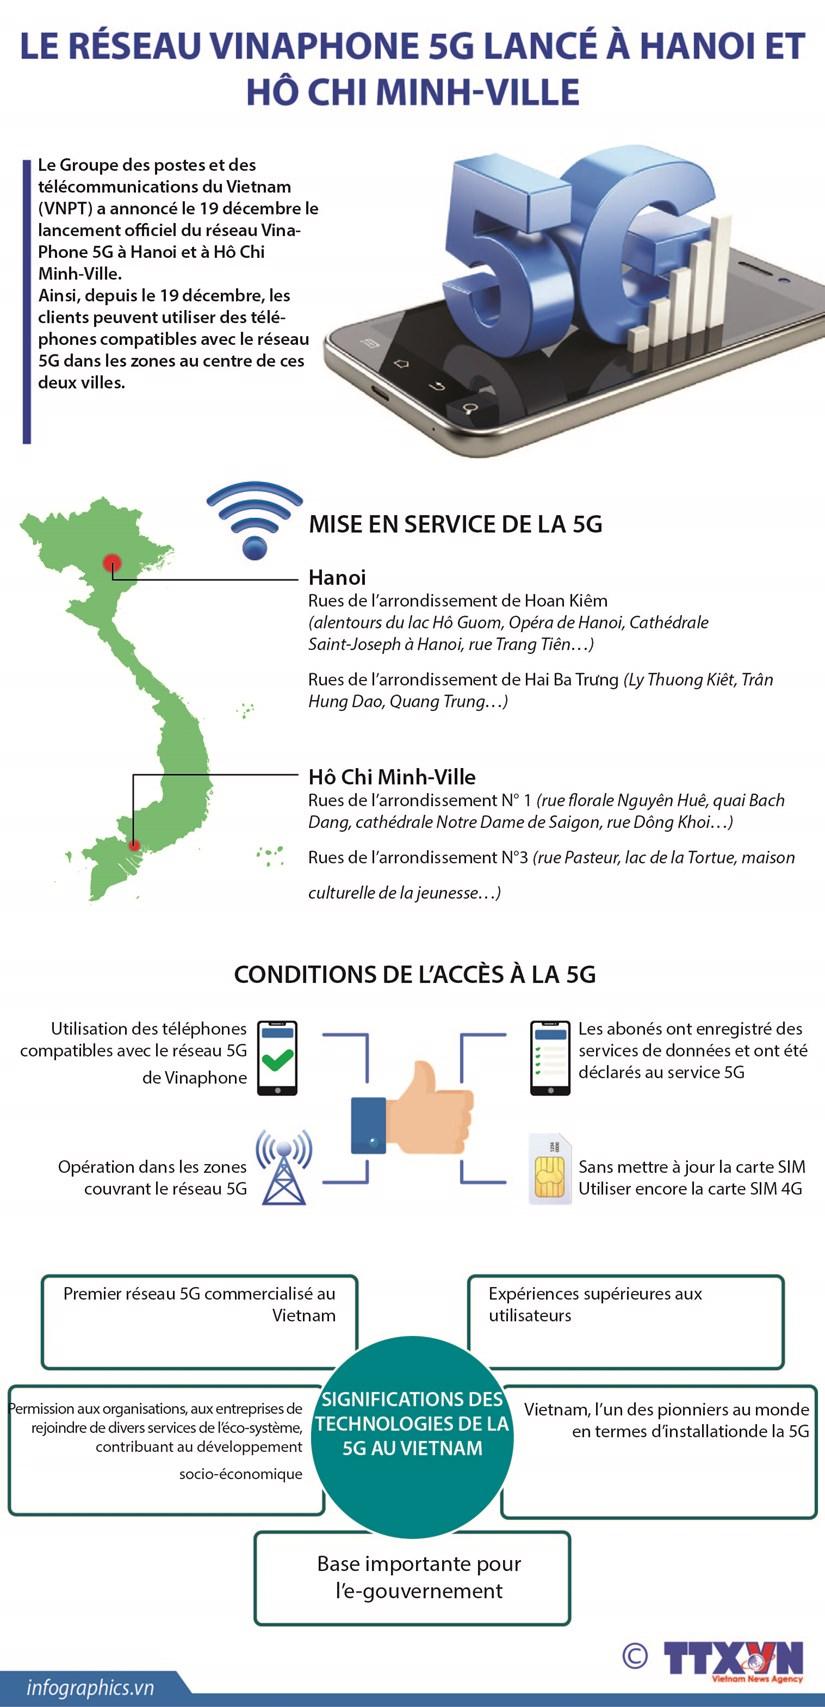 Le reseau VinaPhone 5G lance a Hanoi et Ho Chi Minh-Ville hinh anh 1